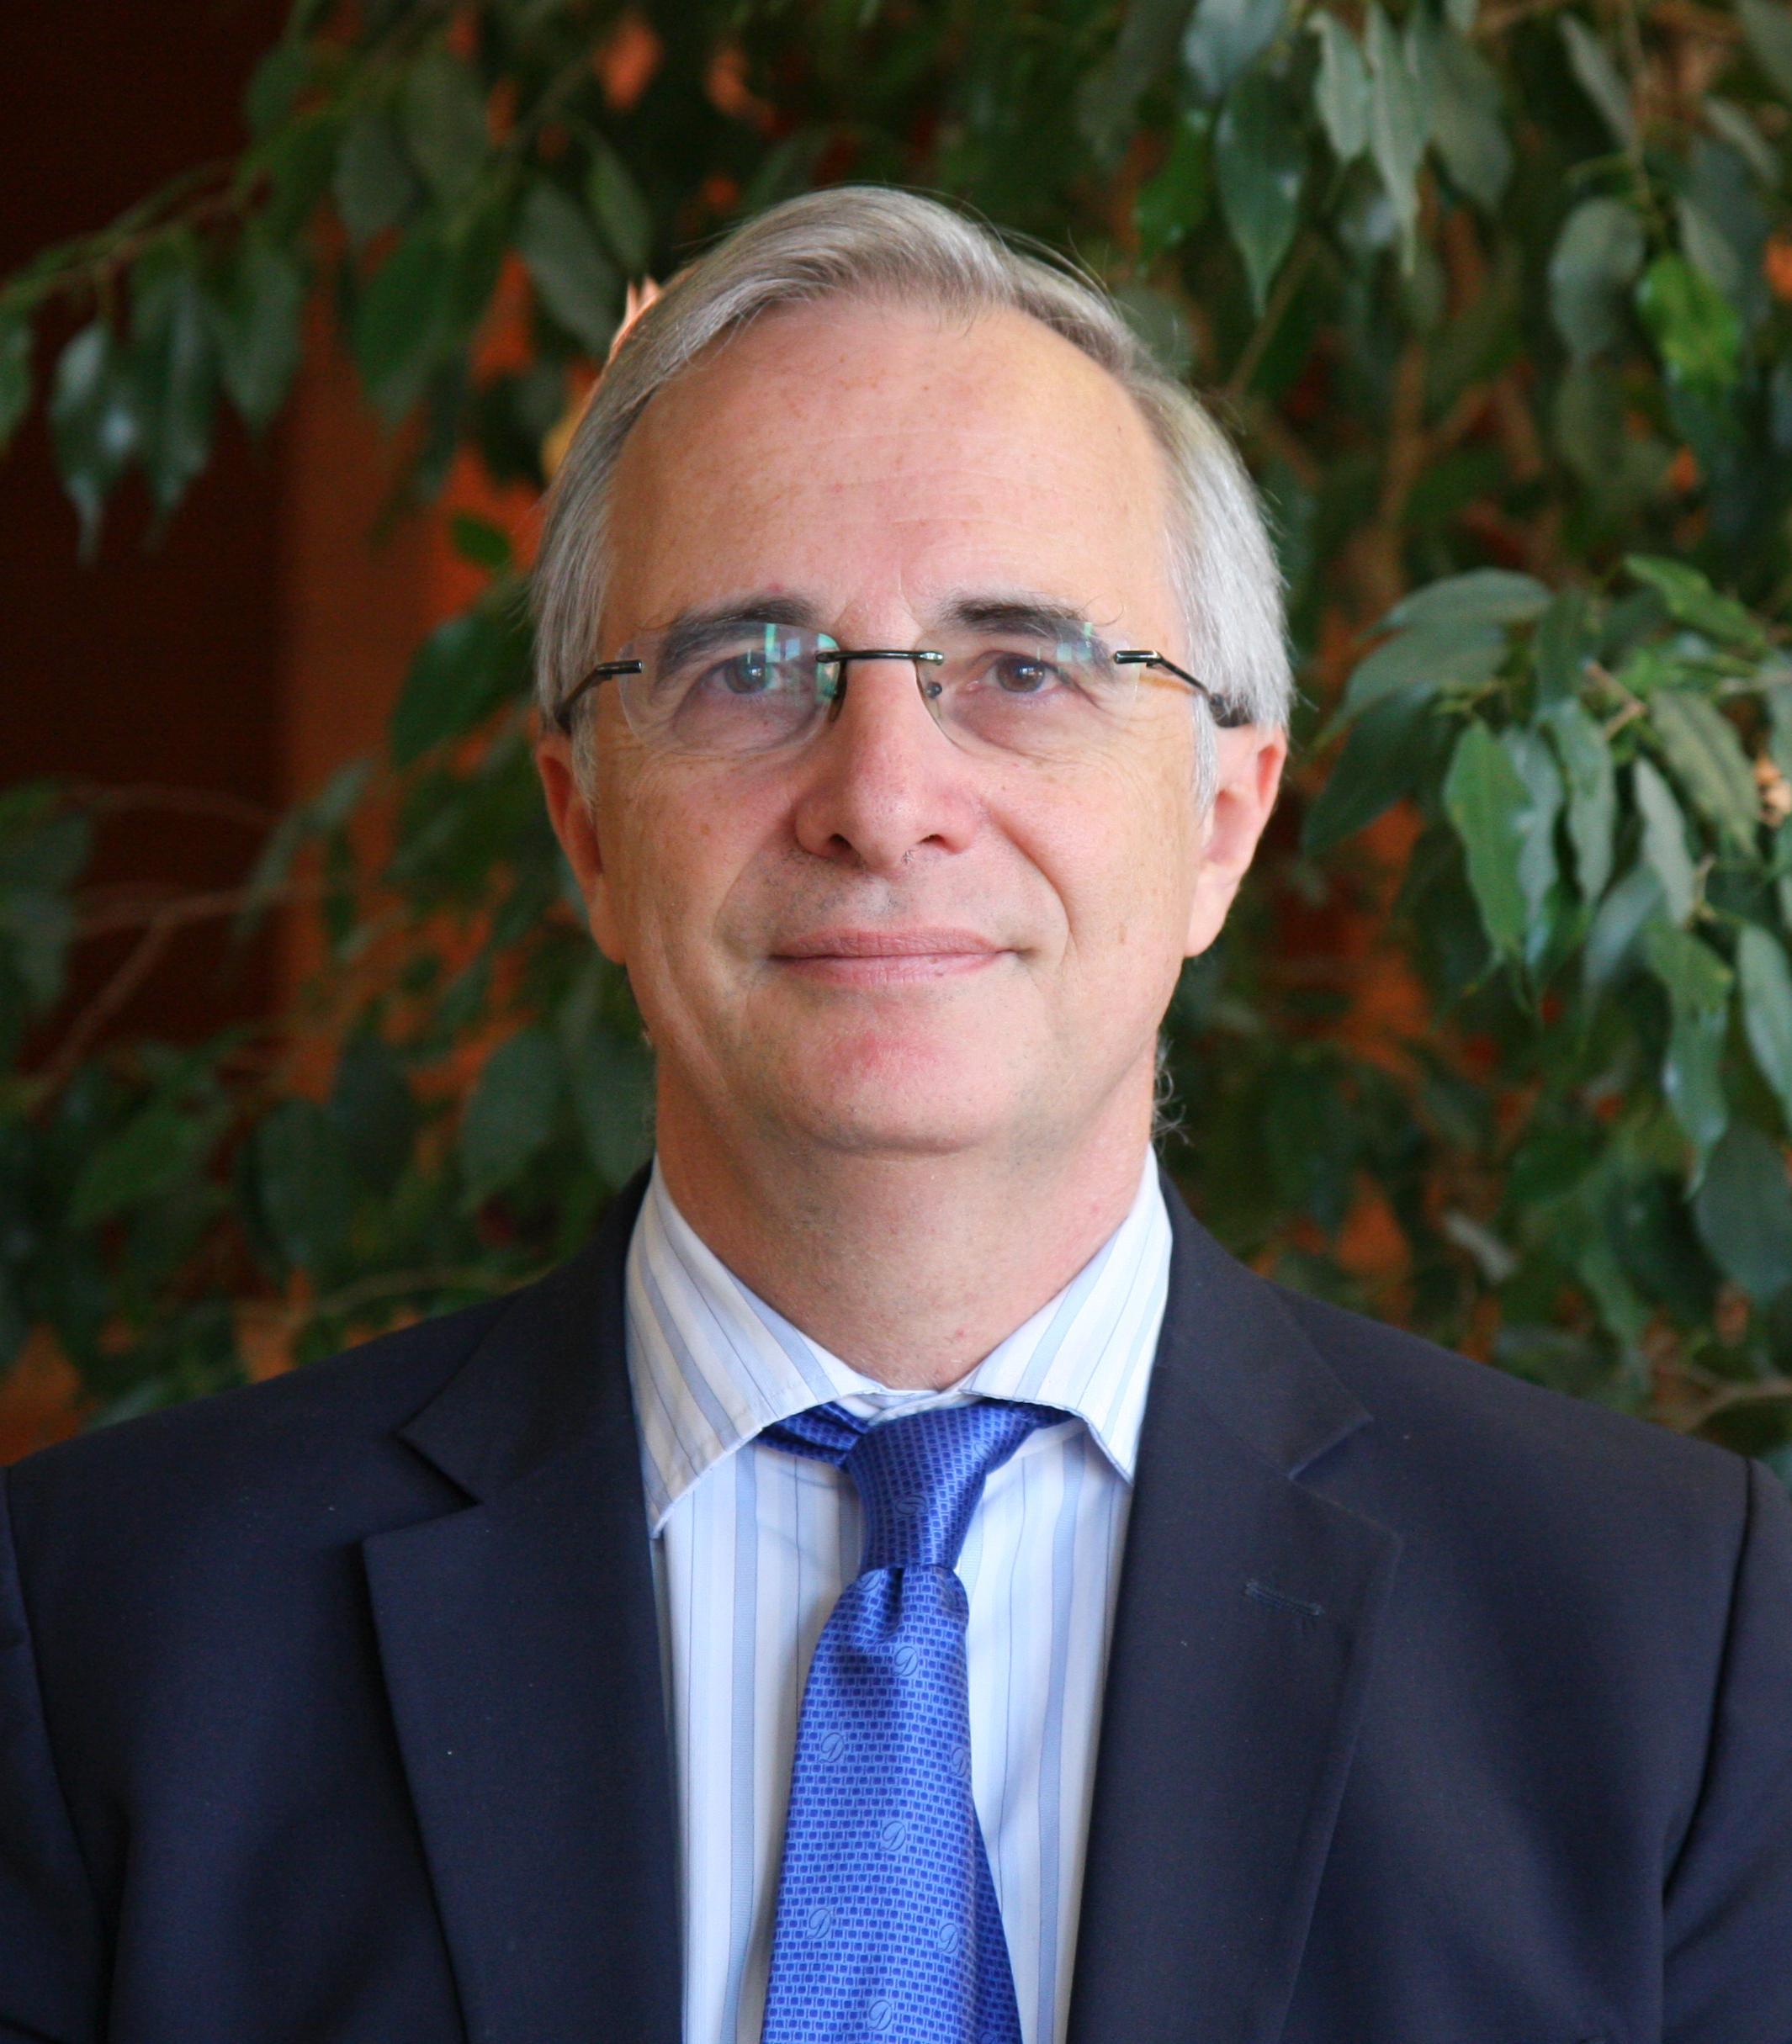 Carlos Delgado Kloos